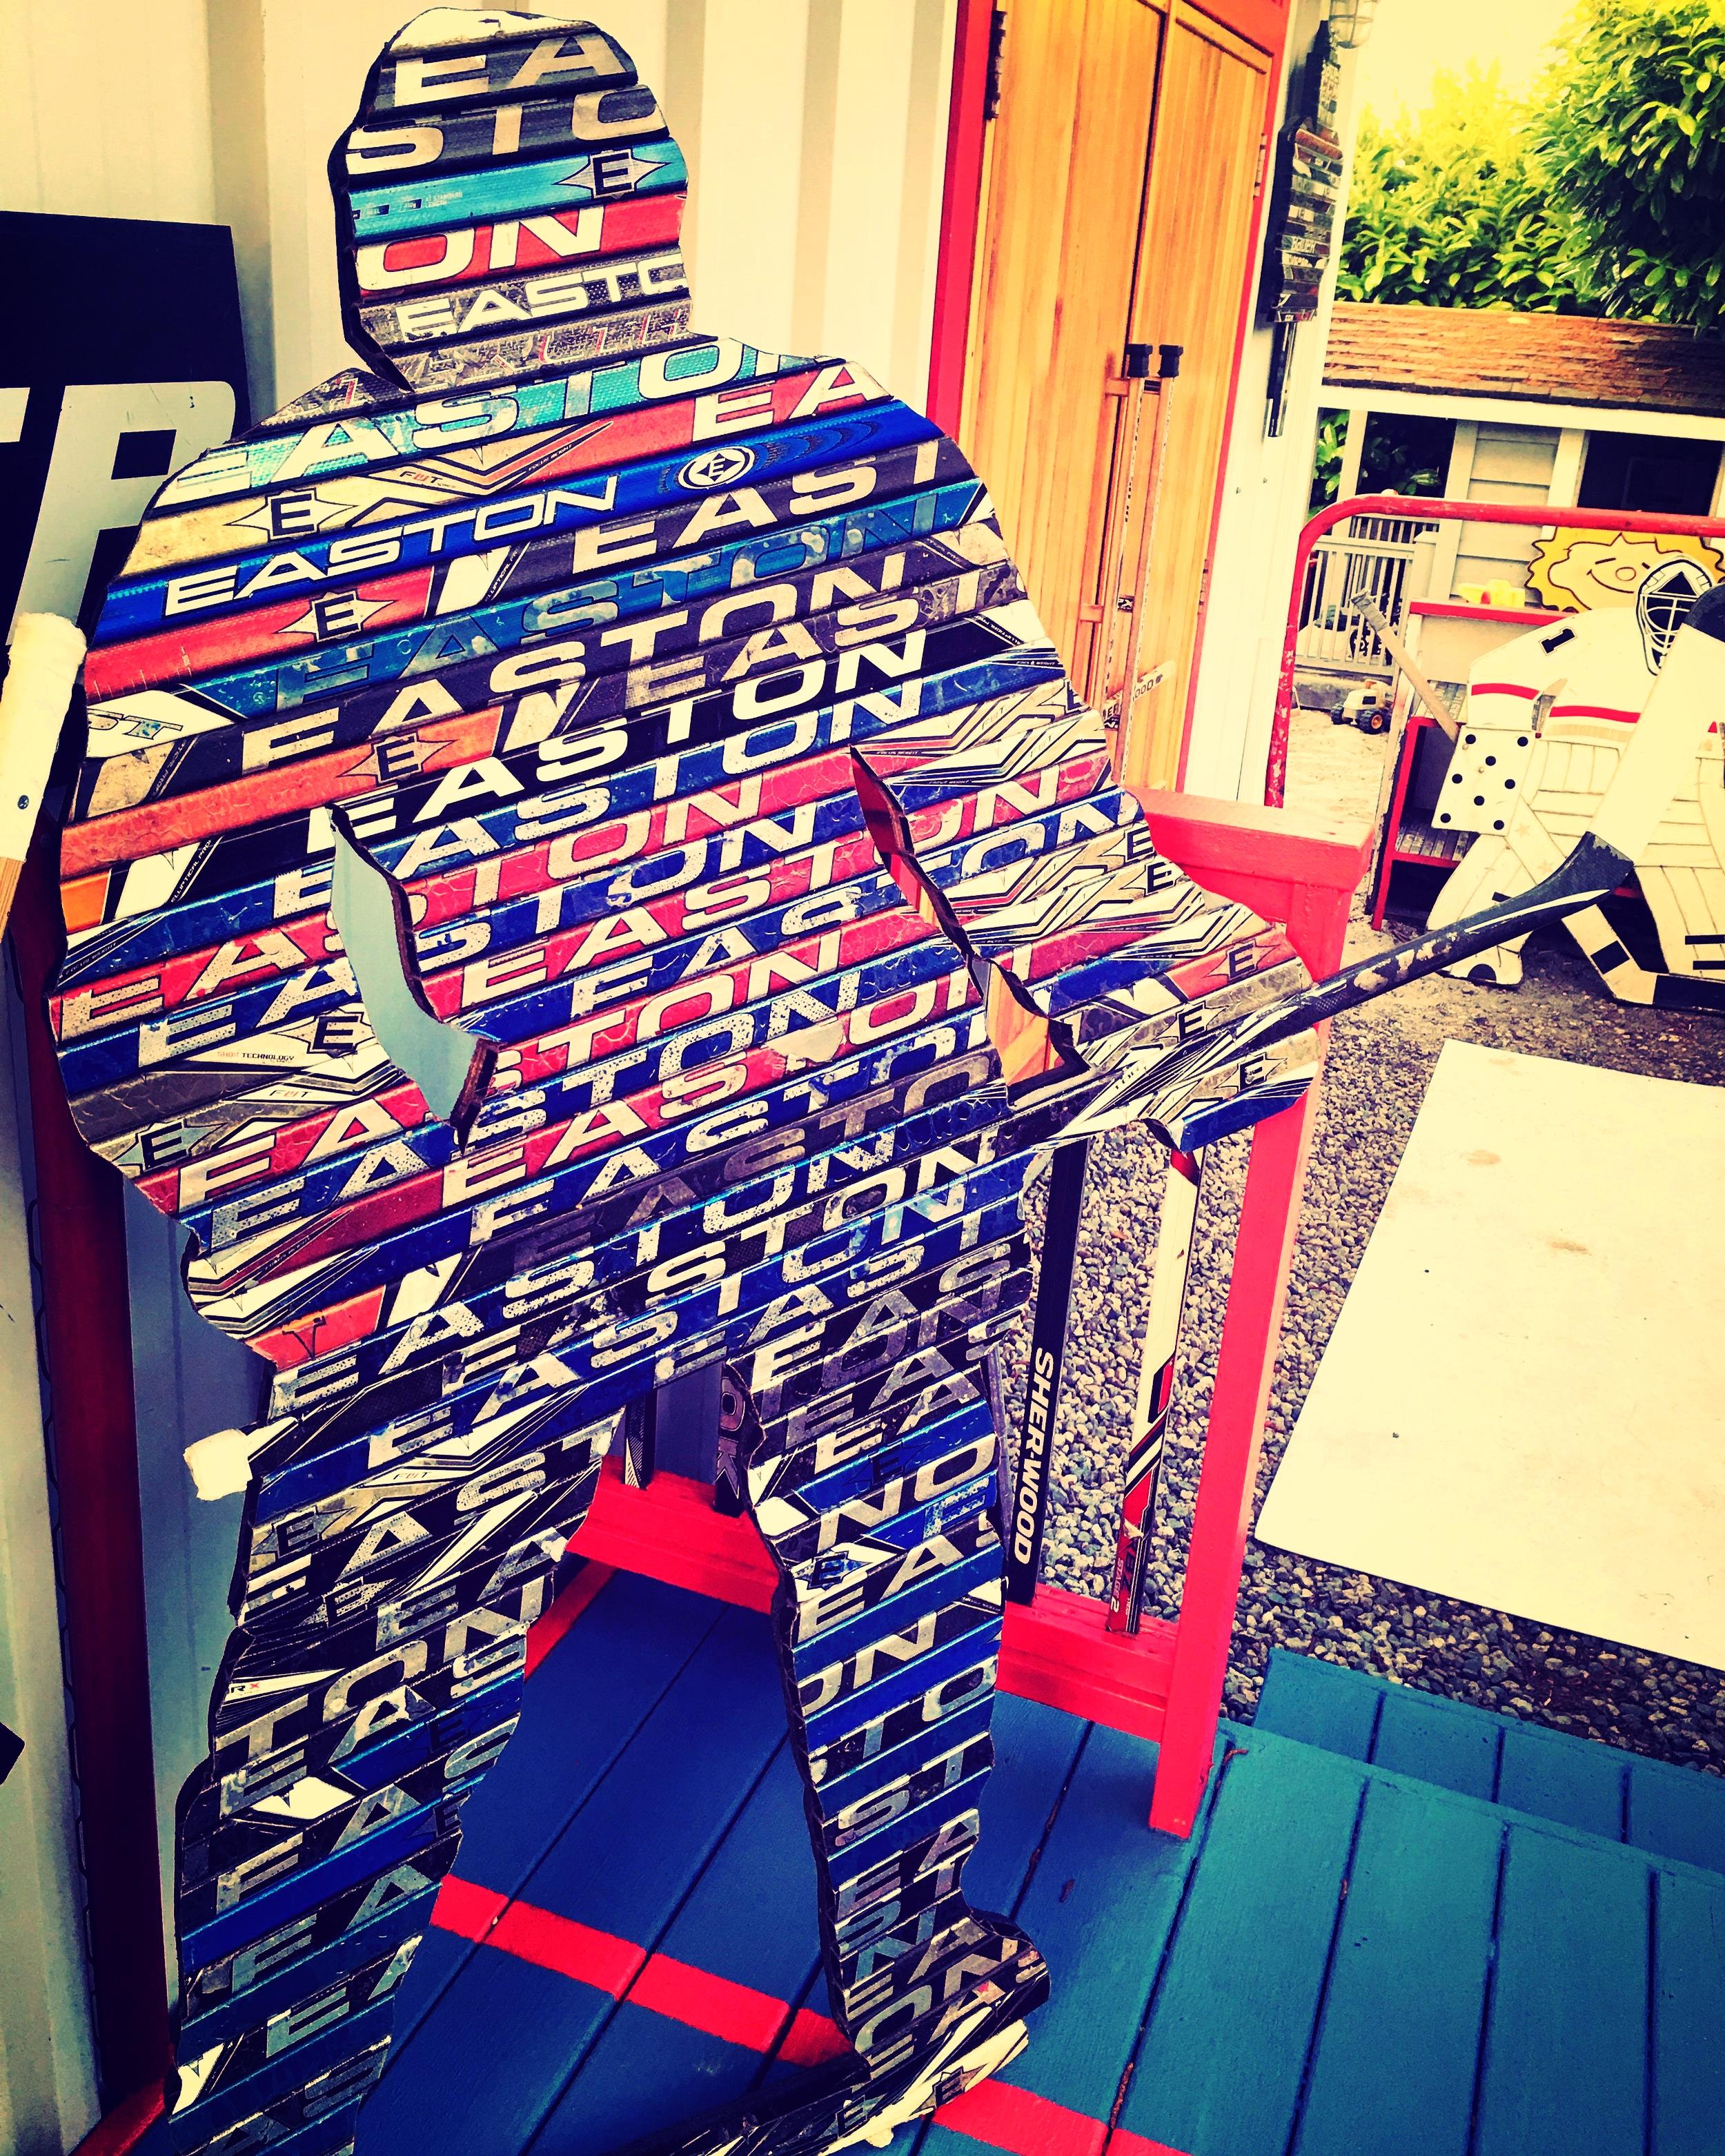 Clint Easton - Hockey Player Made from Hockey Sticks